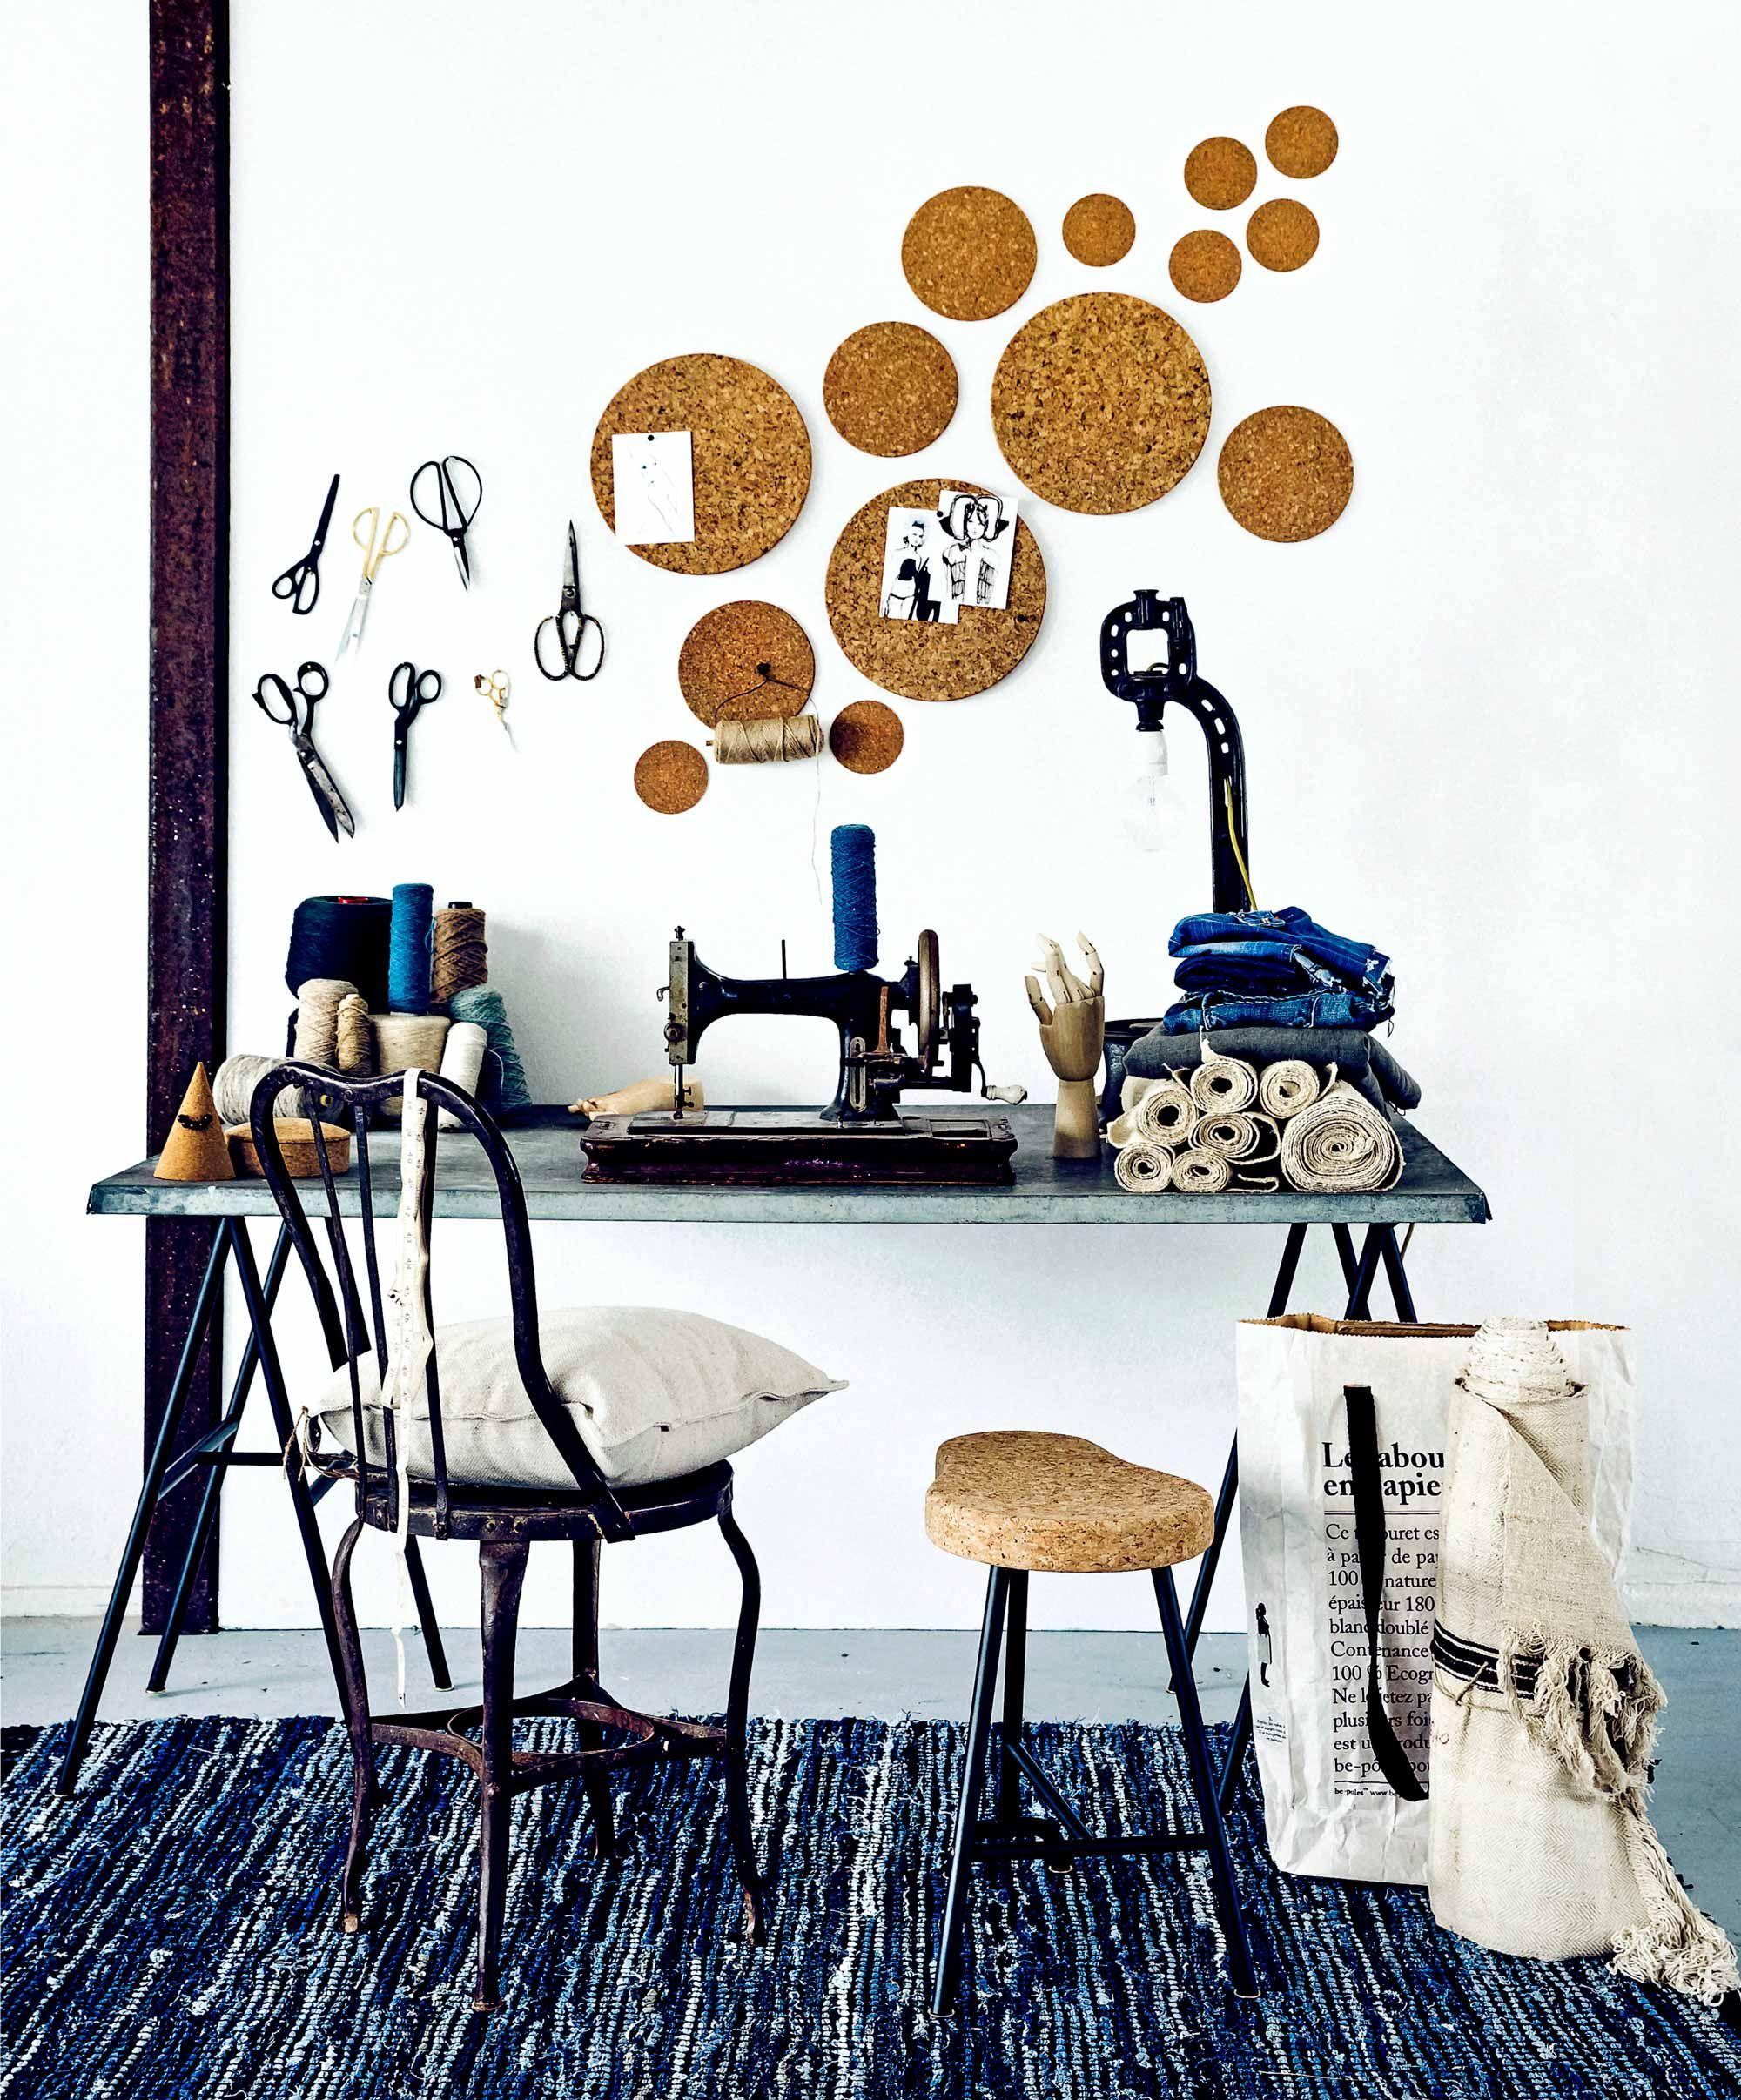 Muurdecoratie kurken onderzetters verschillende formaten xenos albert heijn slaapkamer - Deco entreehal ...